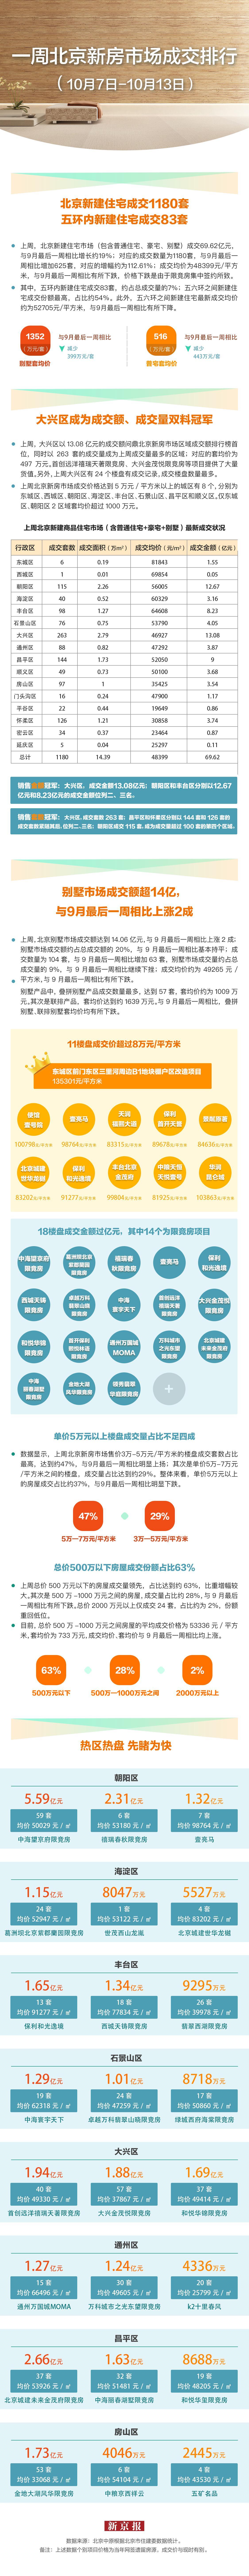 上周北京新建住宅市场成交回升 18楼盘成交额过亿